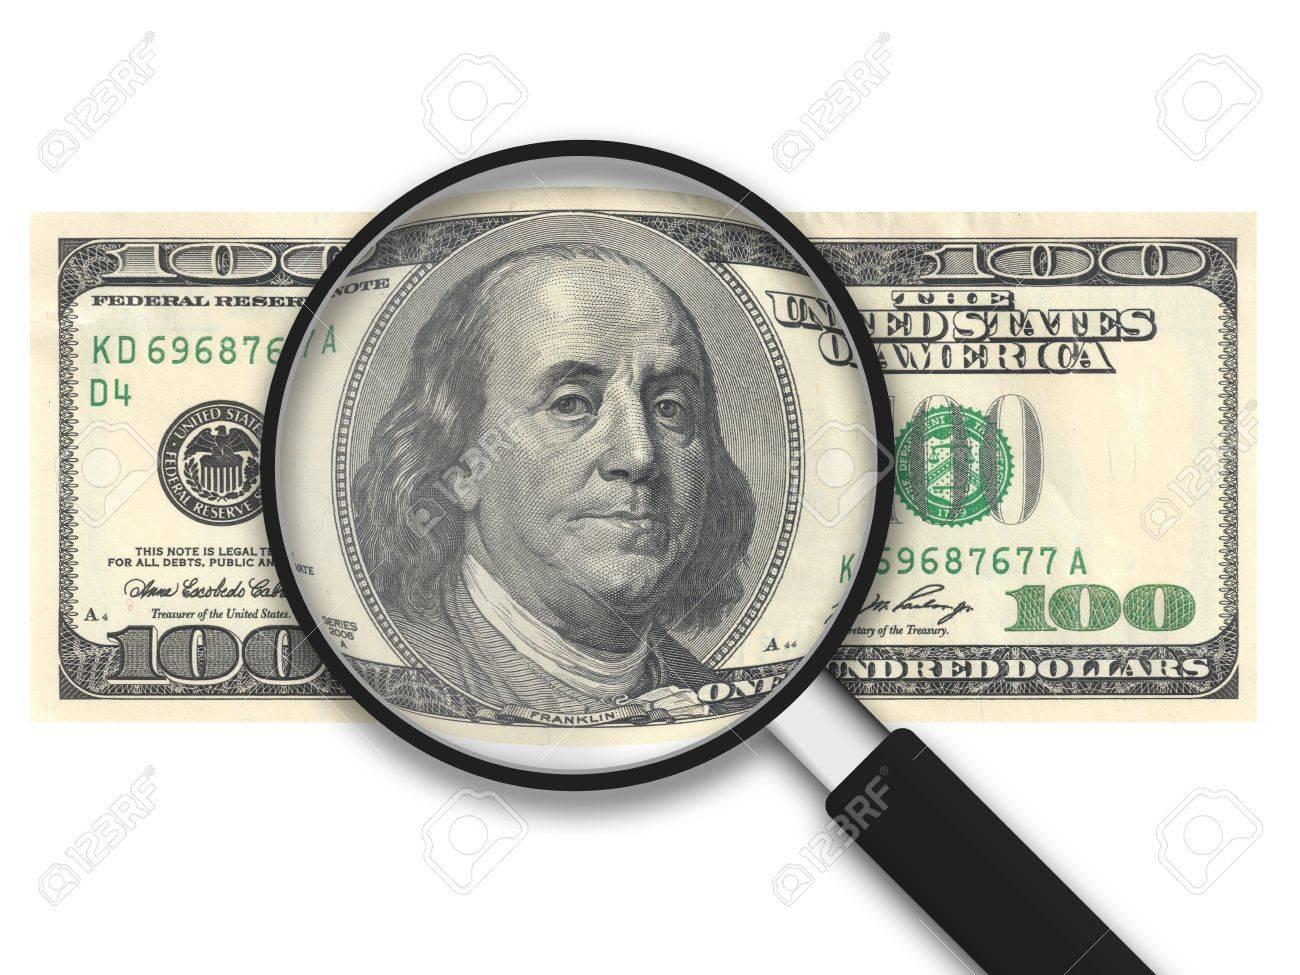 Lupa con 100 dólares de los Estados Unidos Nota sobre fondo blanco Foto de archivo - 11983639